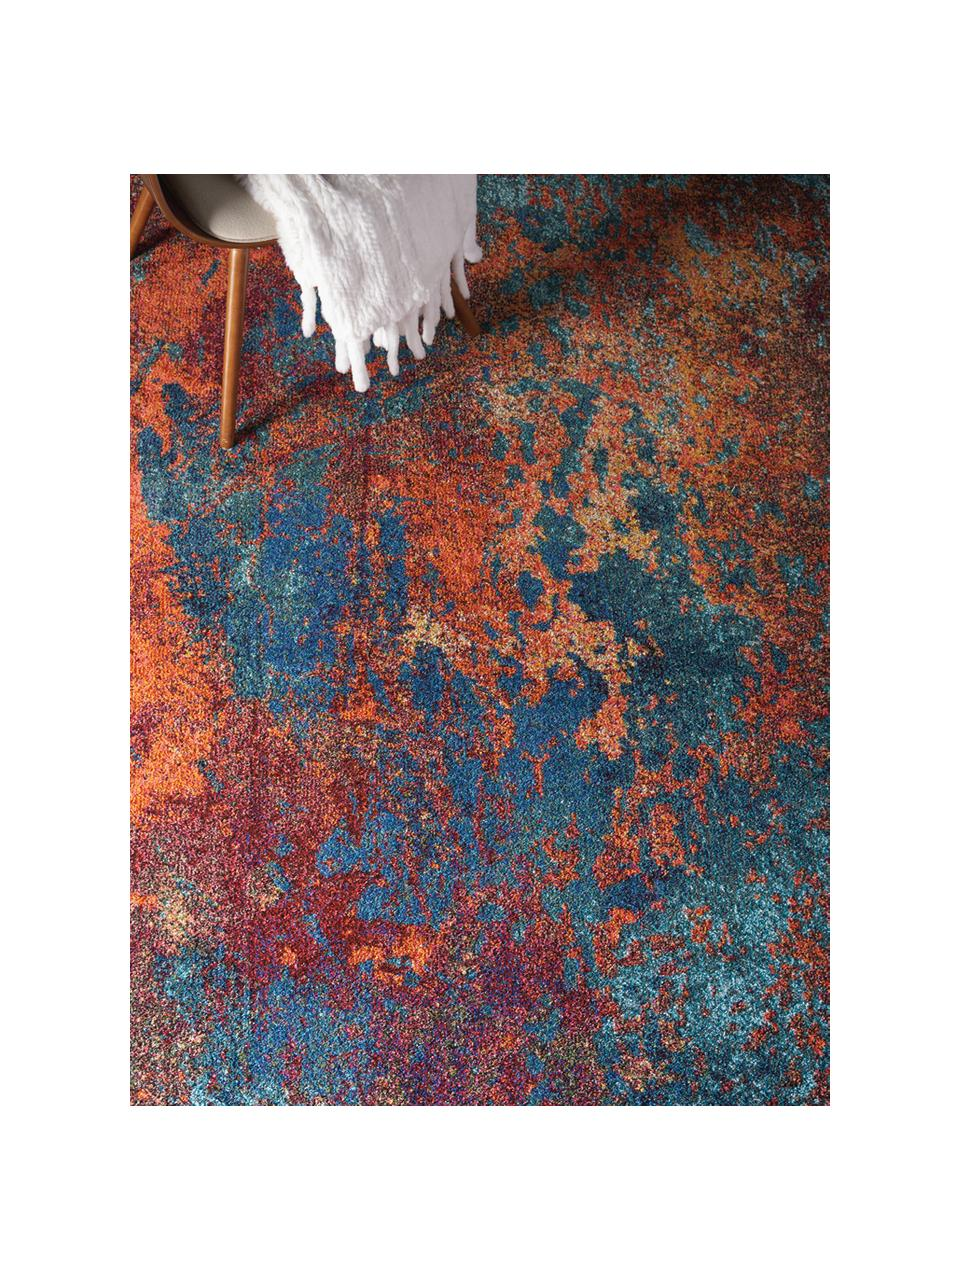 Tappeto di design colorato Celestial, Retro: juta, Tonalità rosse, tonalità blu, verde, Larg. 240 x Lung. 320 cm  (taglia L)